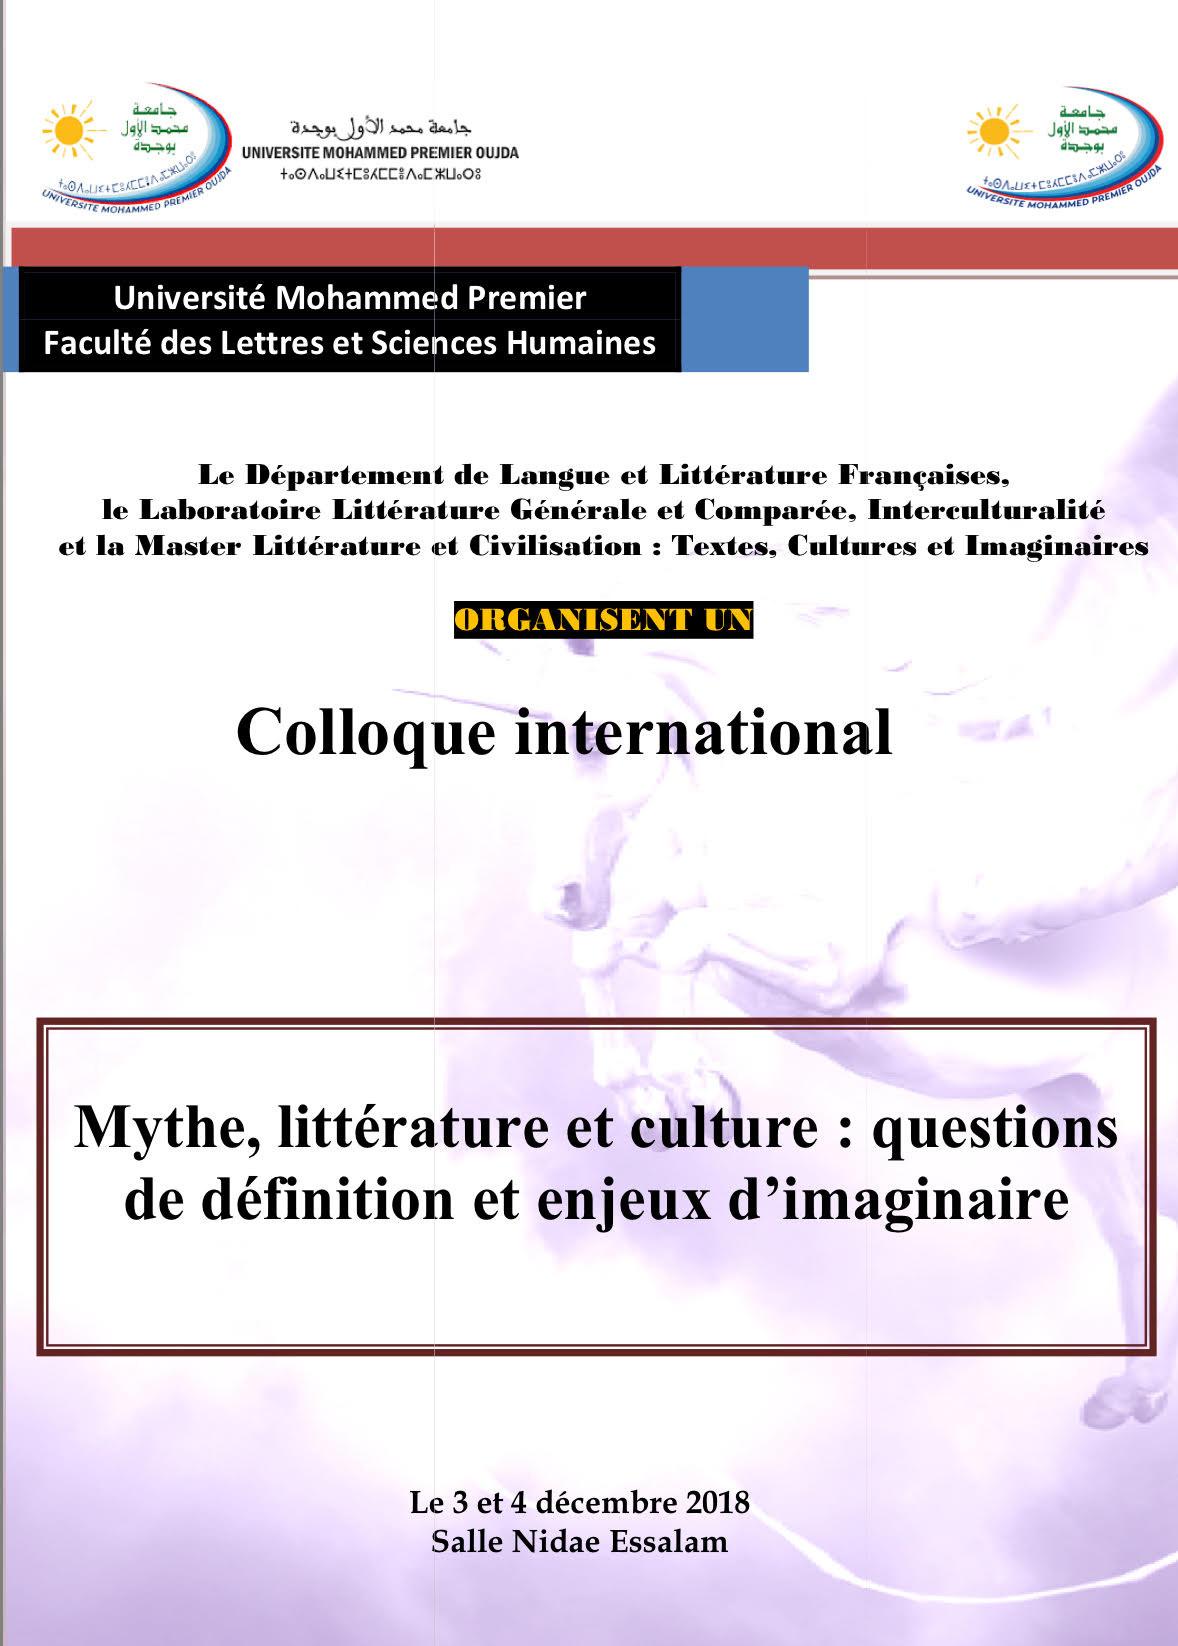 Colloque international : Mythe, littérature et culture : questions de définition et enjeux d'imaginaire